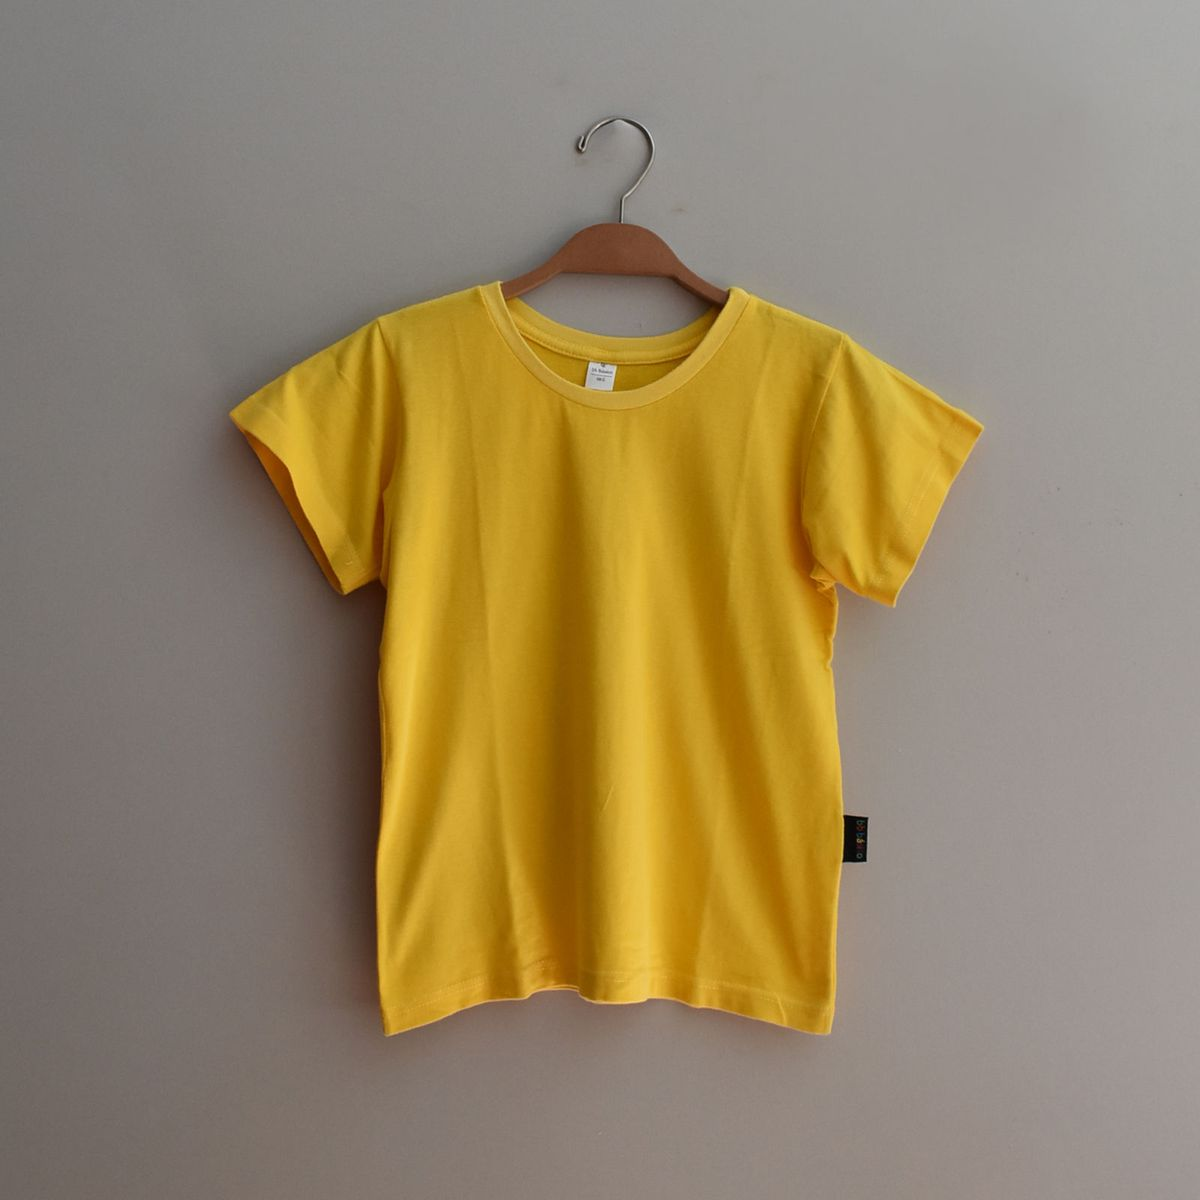 bb básico camiseta amarela - menino bb básico.  Czm6ly9wag90b3muzw5qb2vplmnvbs5ici9wcm9kdwn0cy83ode2mdqvnwvknmizmzezymzjowq5ytm5zgzmowflmmnhzwnjytguanbn  ... 789f6c0bdc